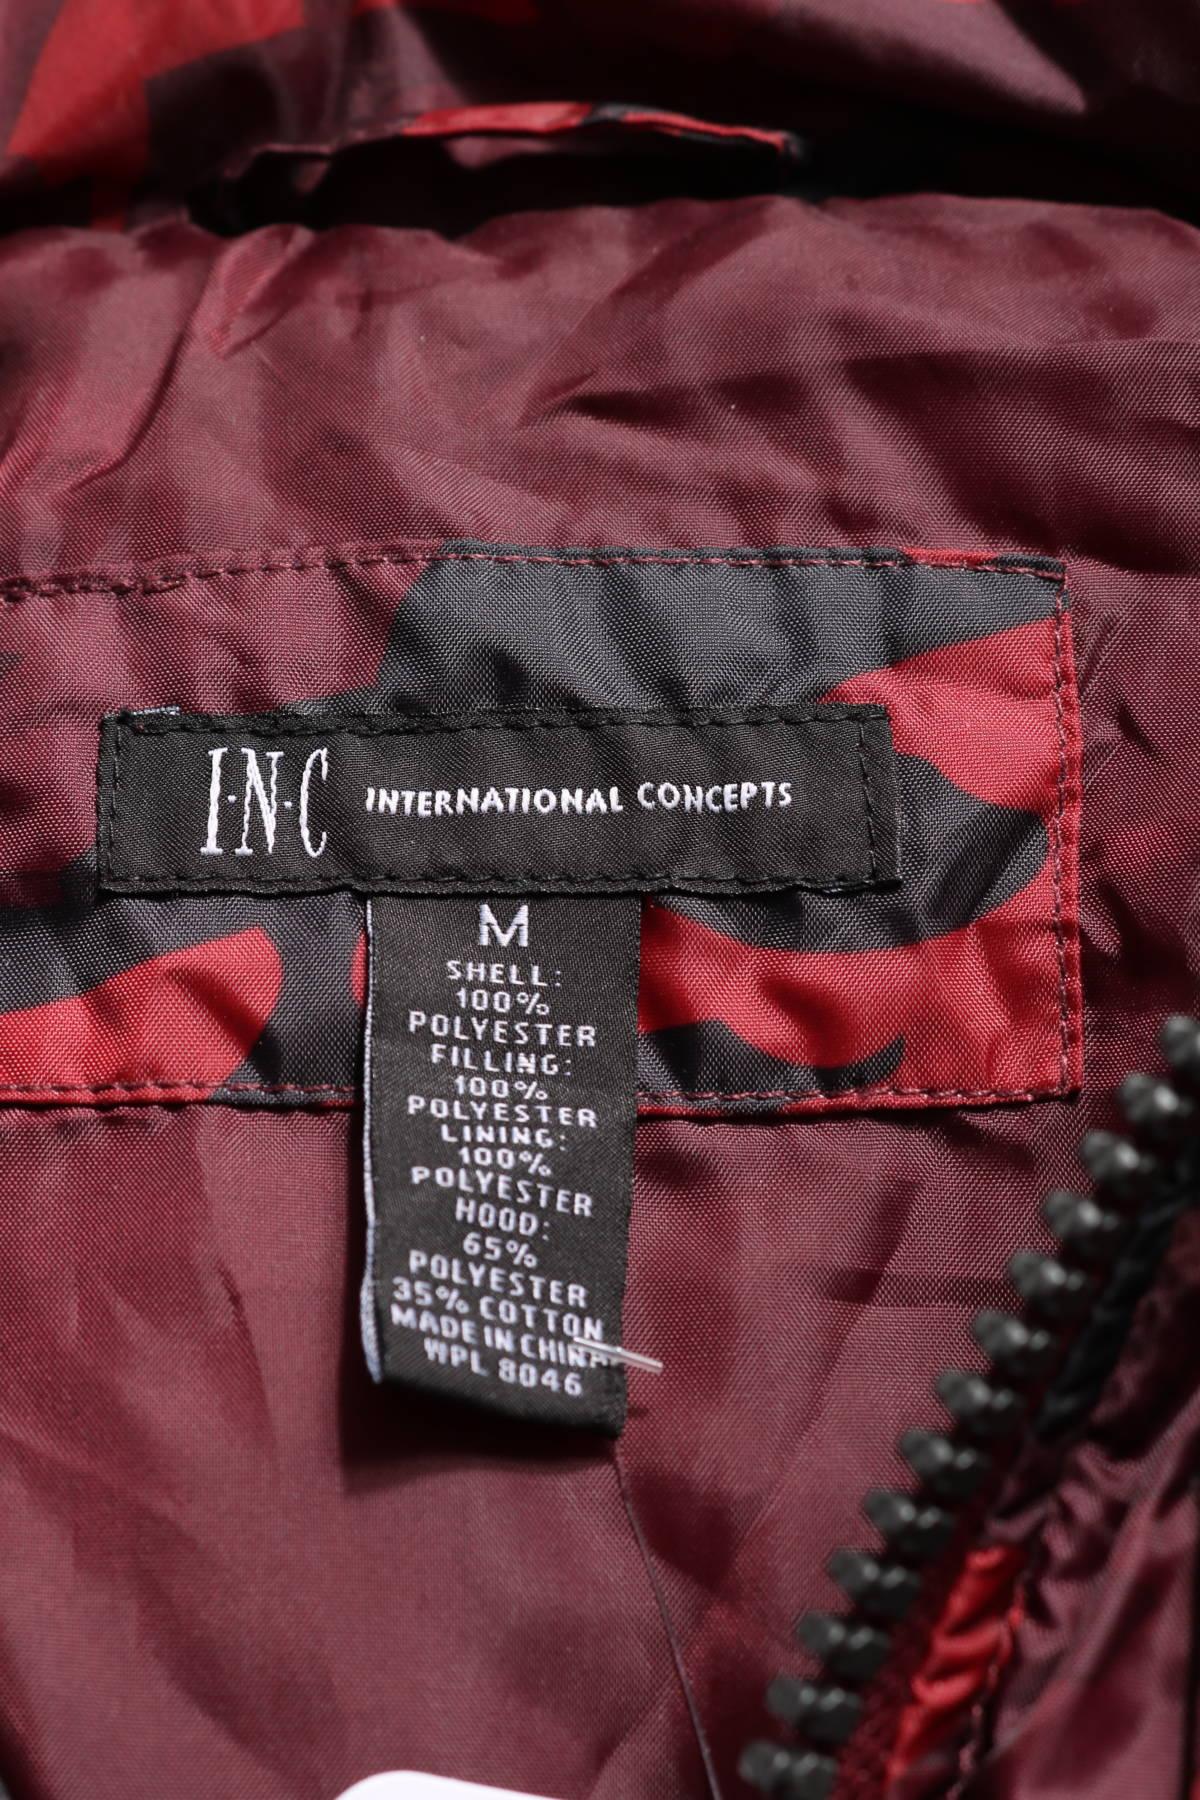 Елек I.n.c - International Concepts3